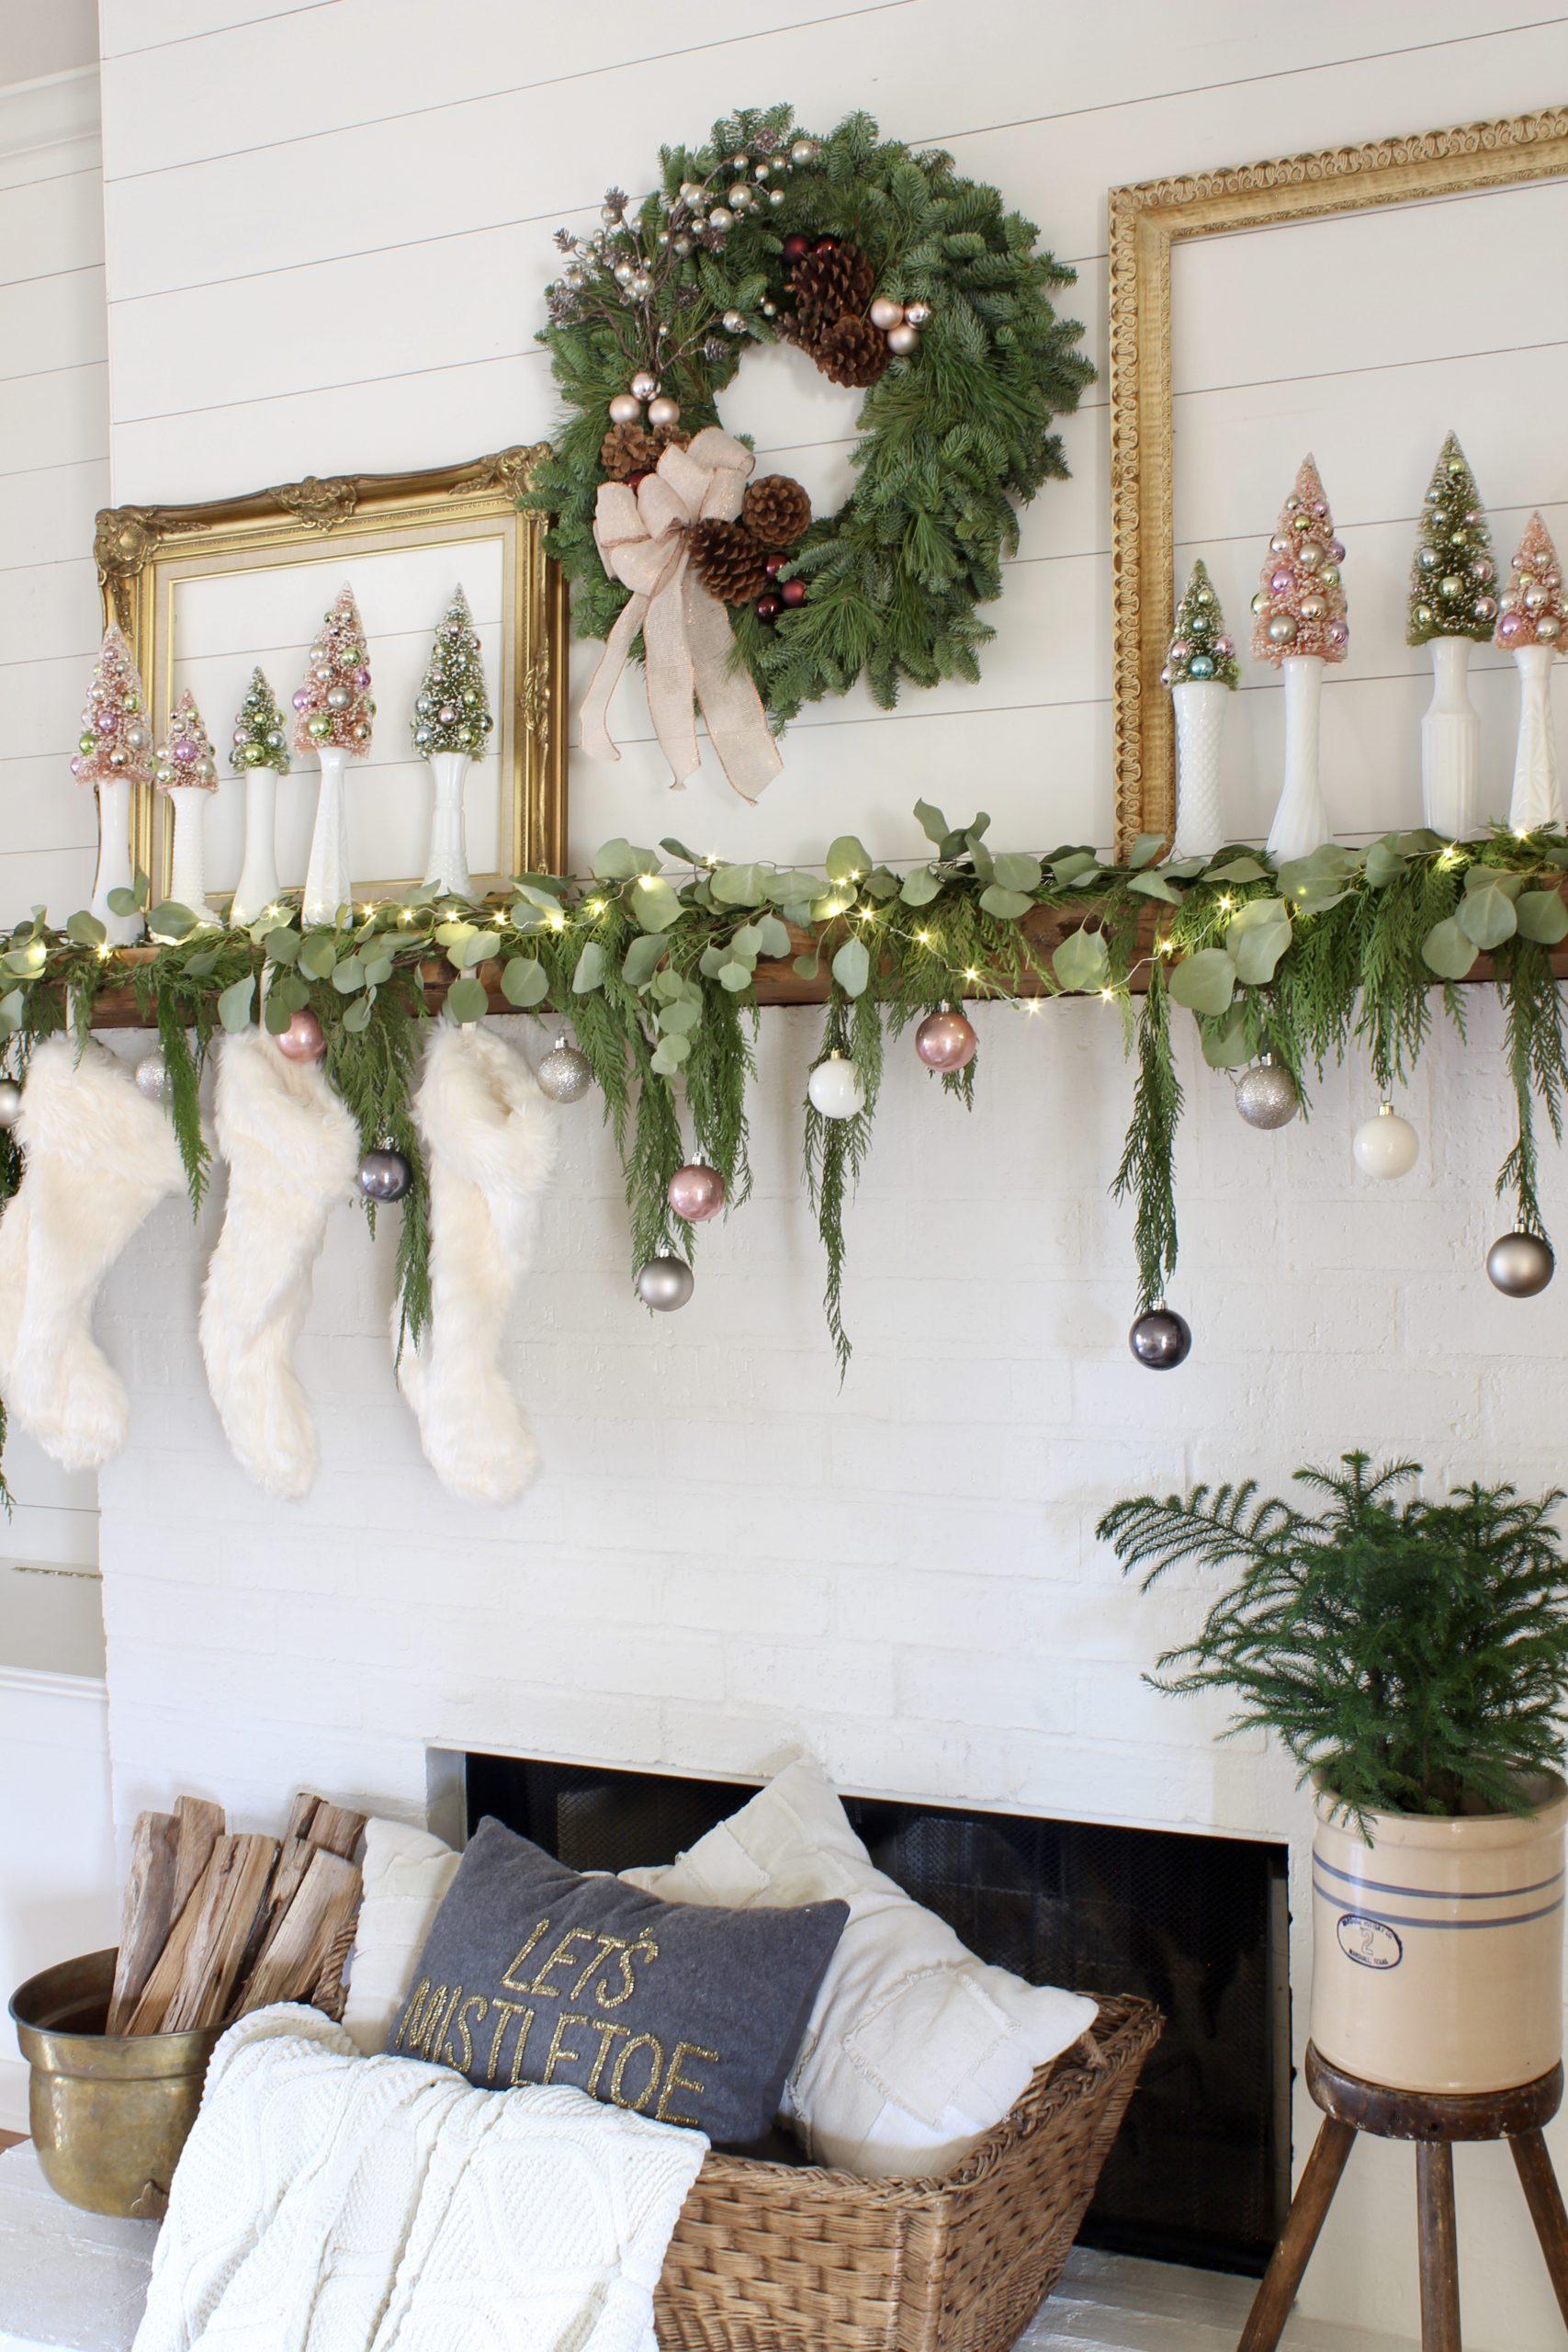 zarif tarz Noel şömine